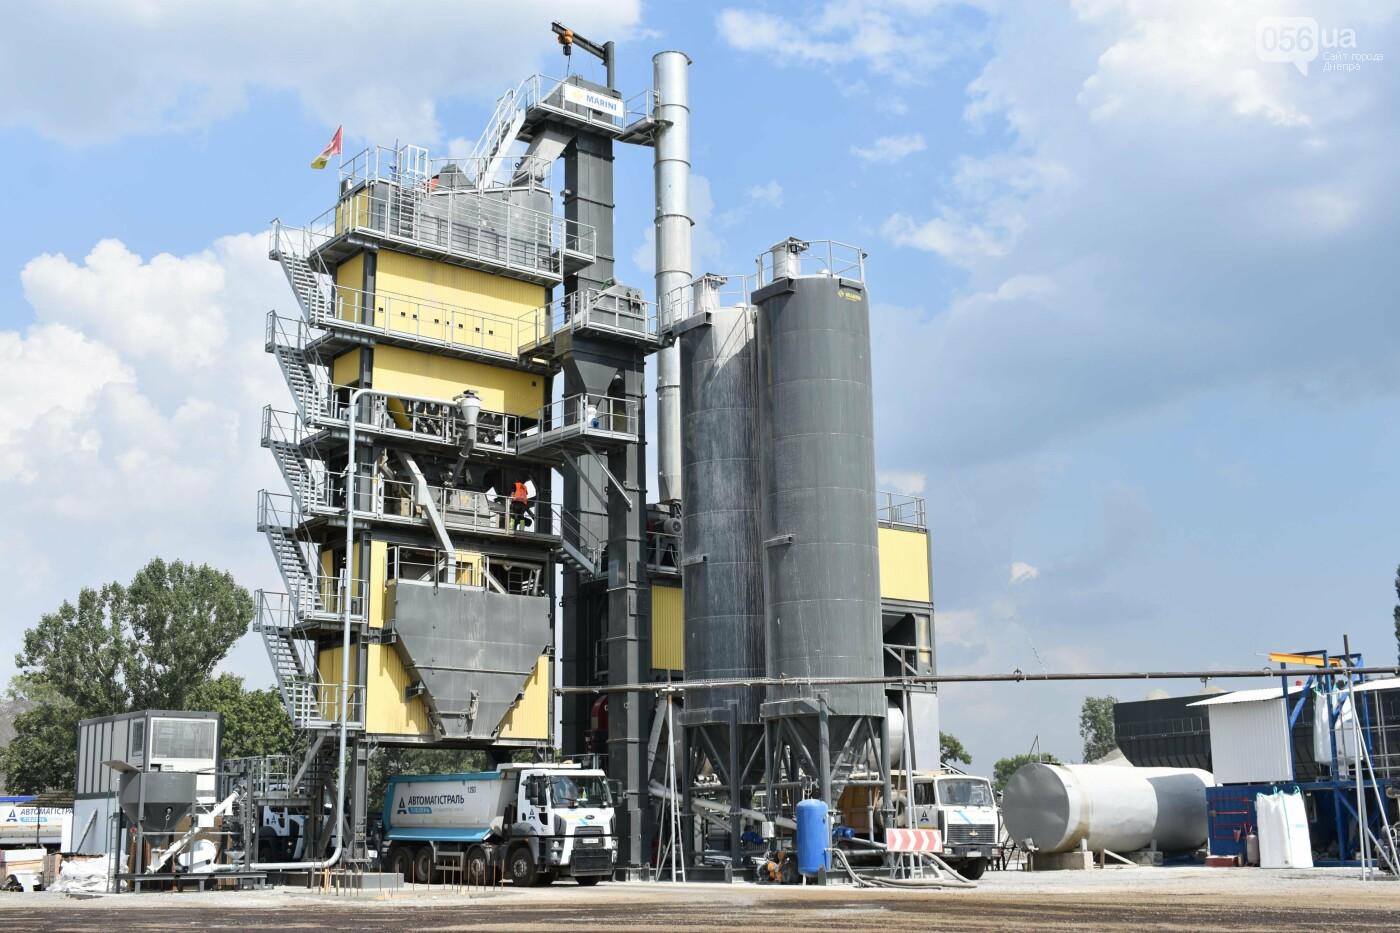 Ради ремонта дороги в Днепре и области построили самый мощный асфальтобетонный завод во всей Европе, - ФОТО, фото-1